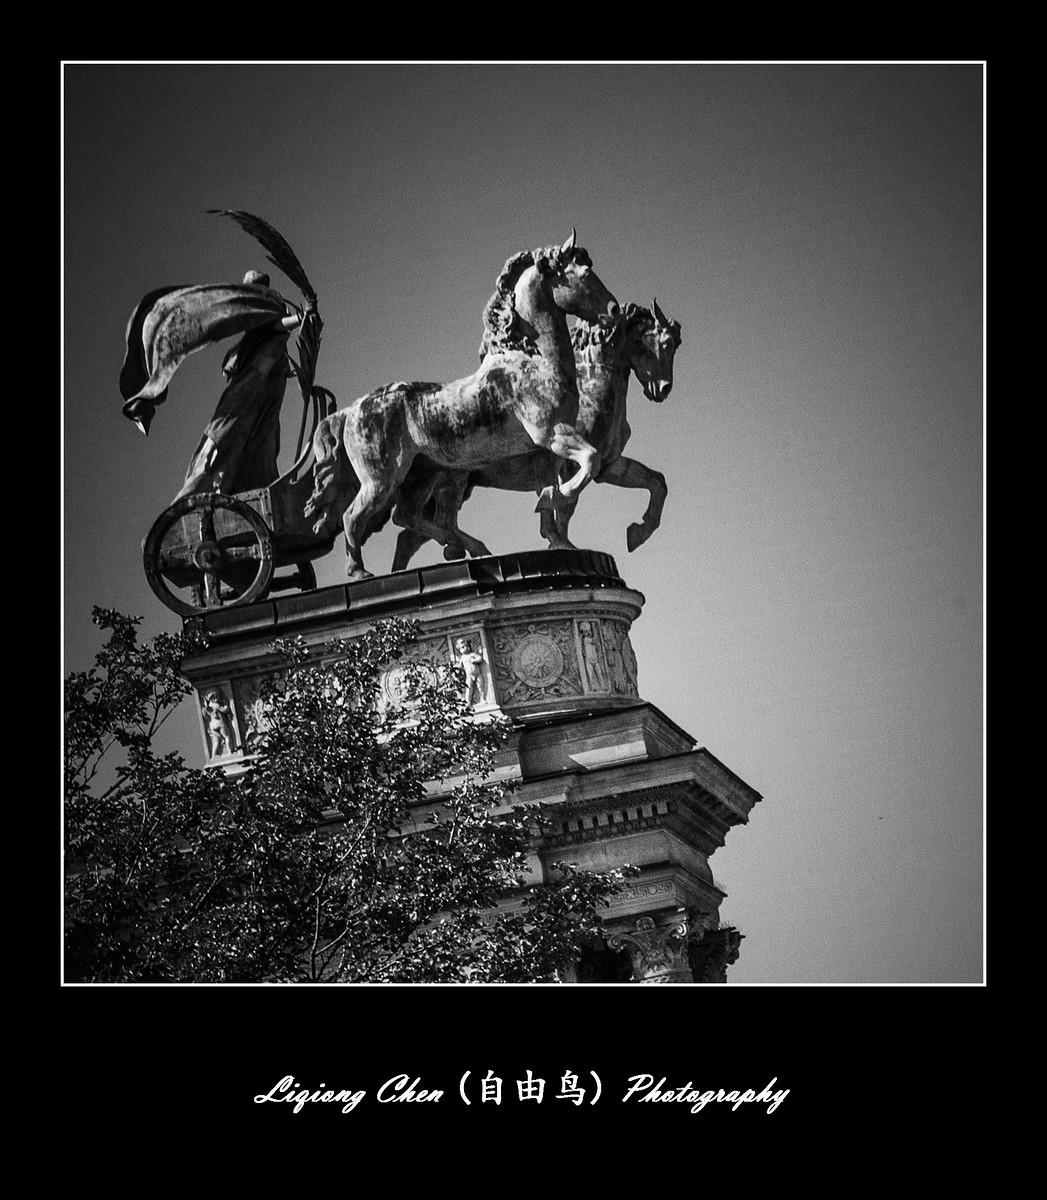 布达佩斯英雄广场的那些英雄们_图1-5